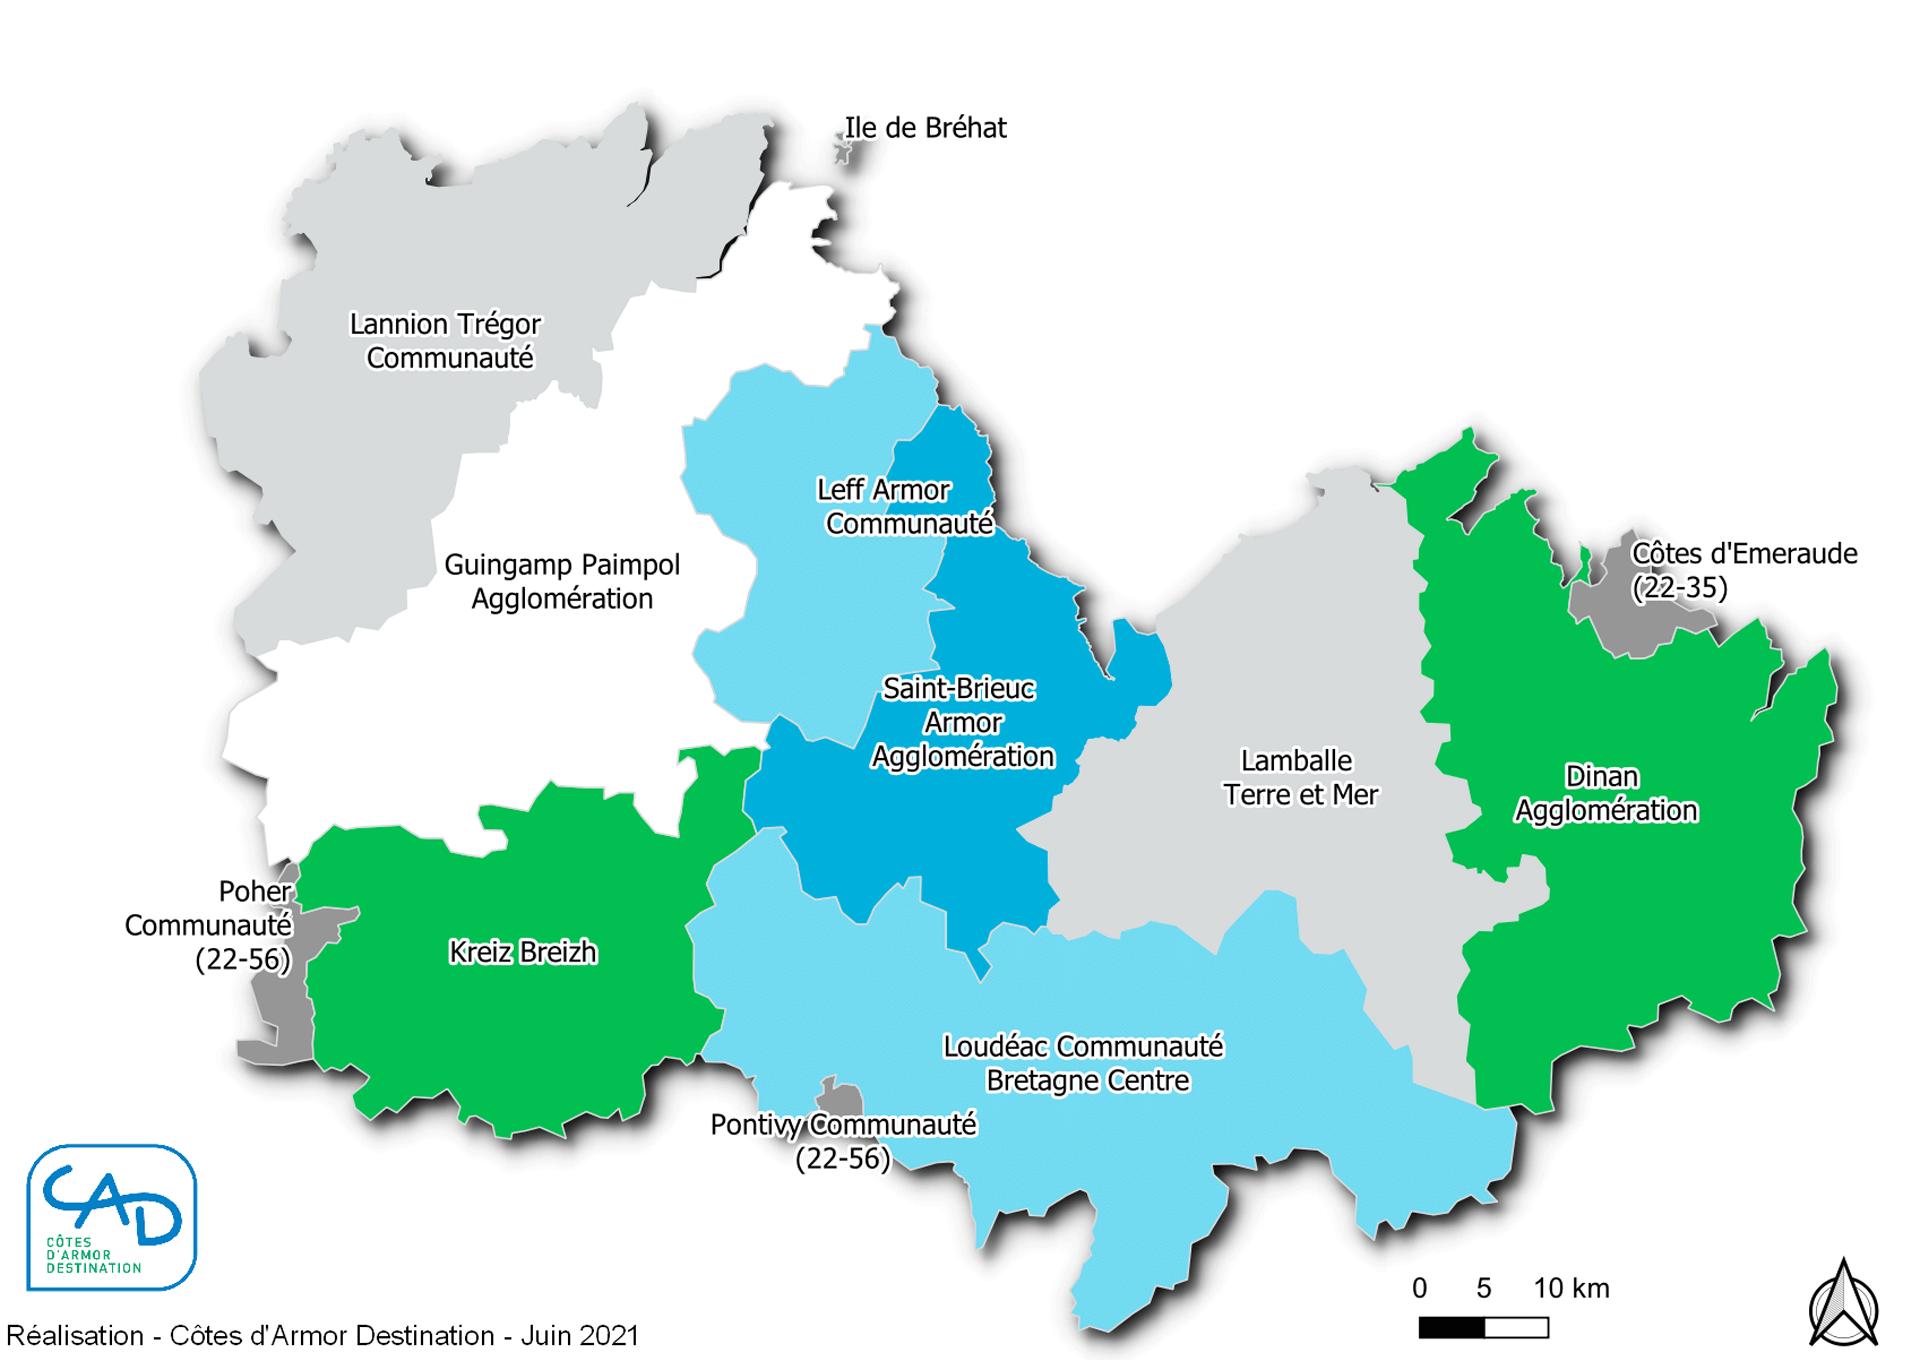 Carte des communautés de communes et d'agglomération des Côtes d'Armor